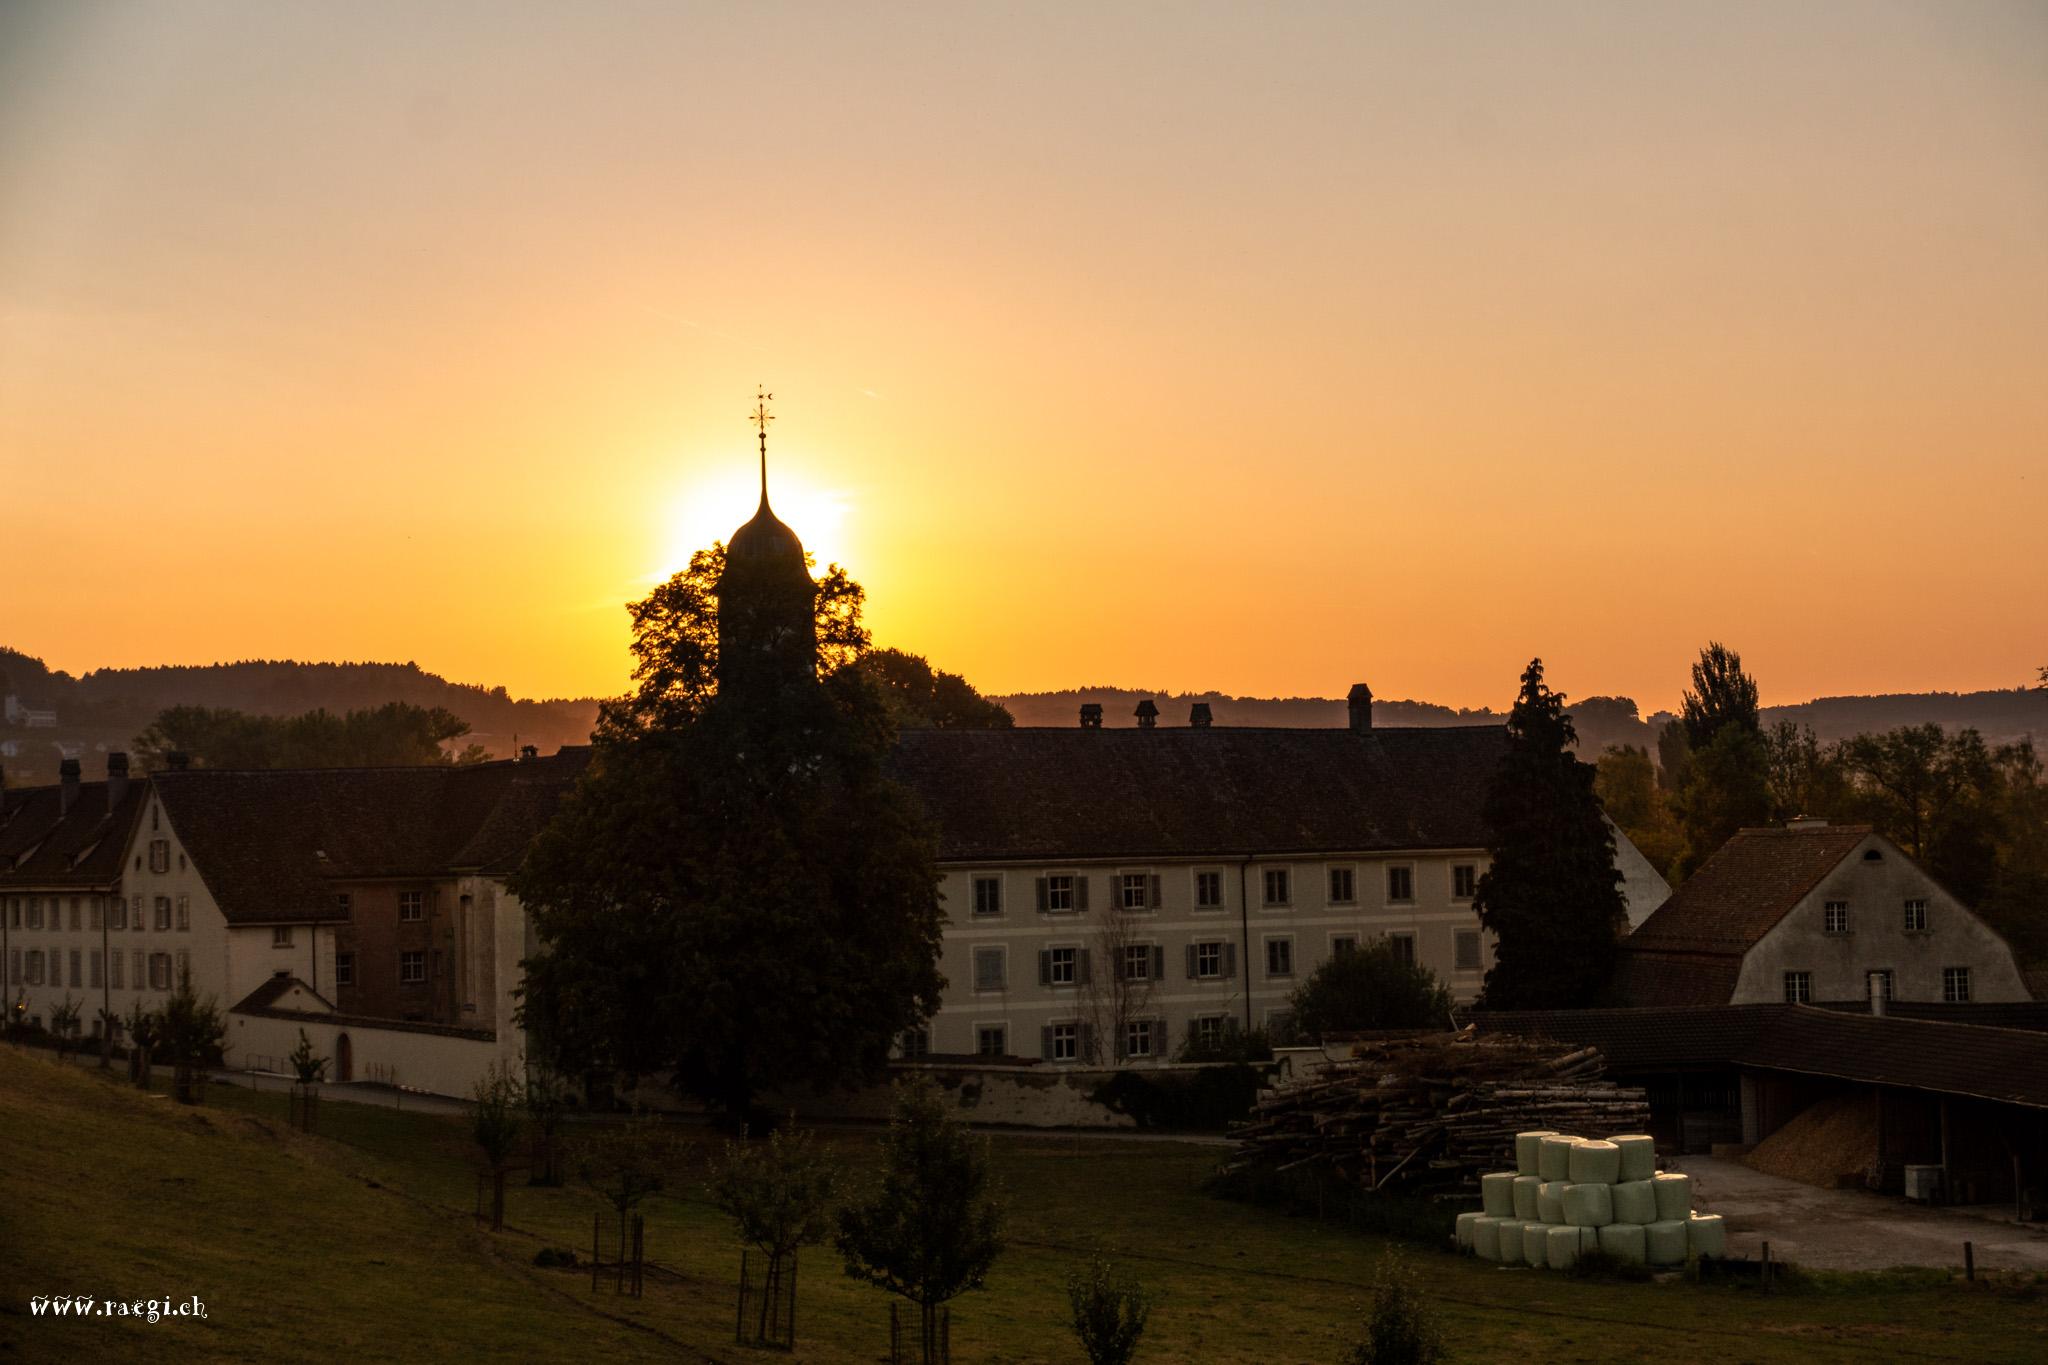 Kloster Fahr, Switzerland